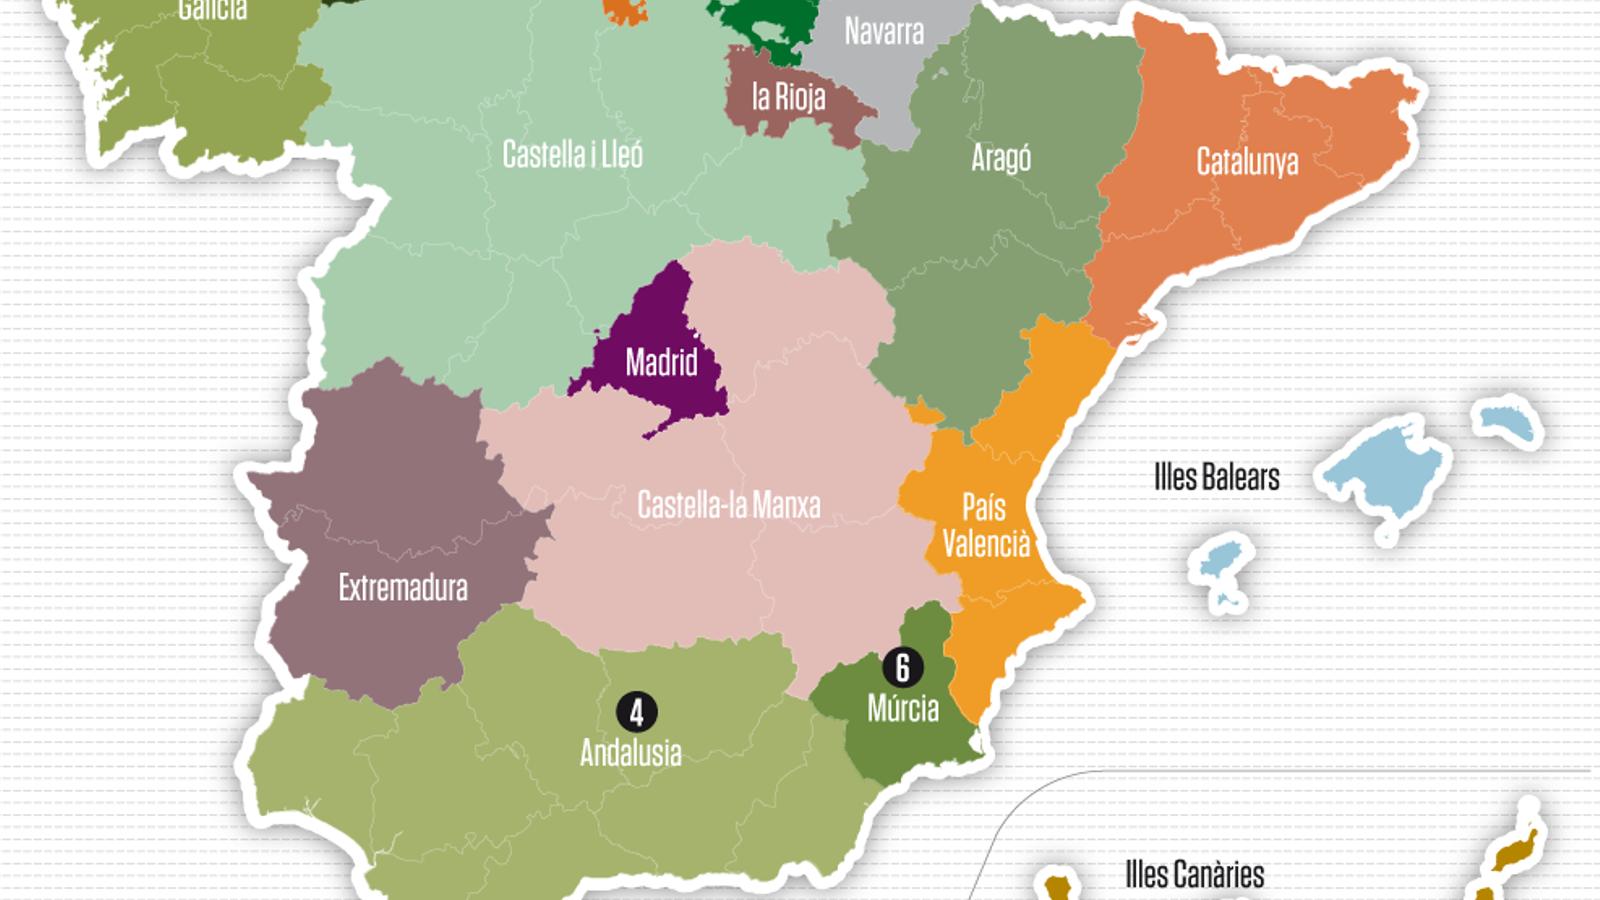 Las batallas clave para España